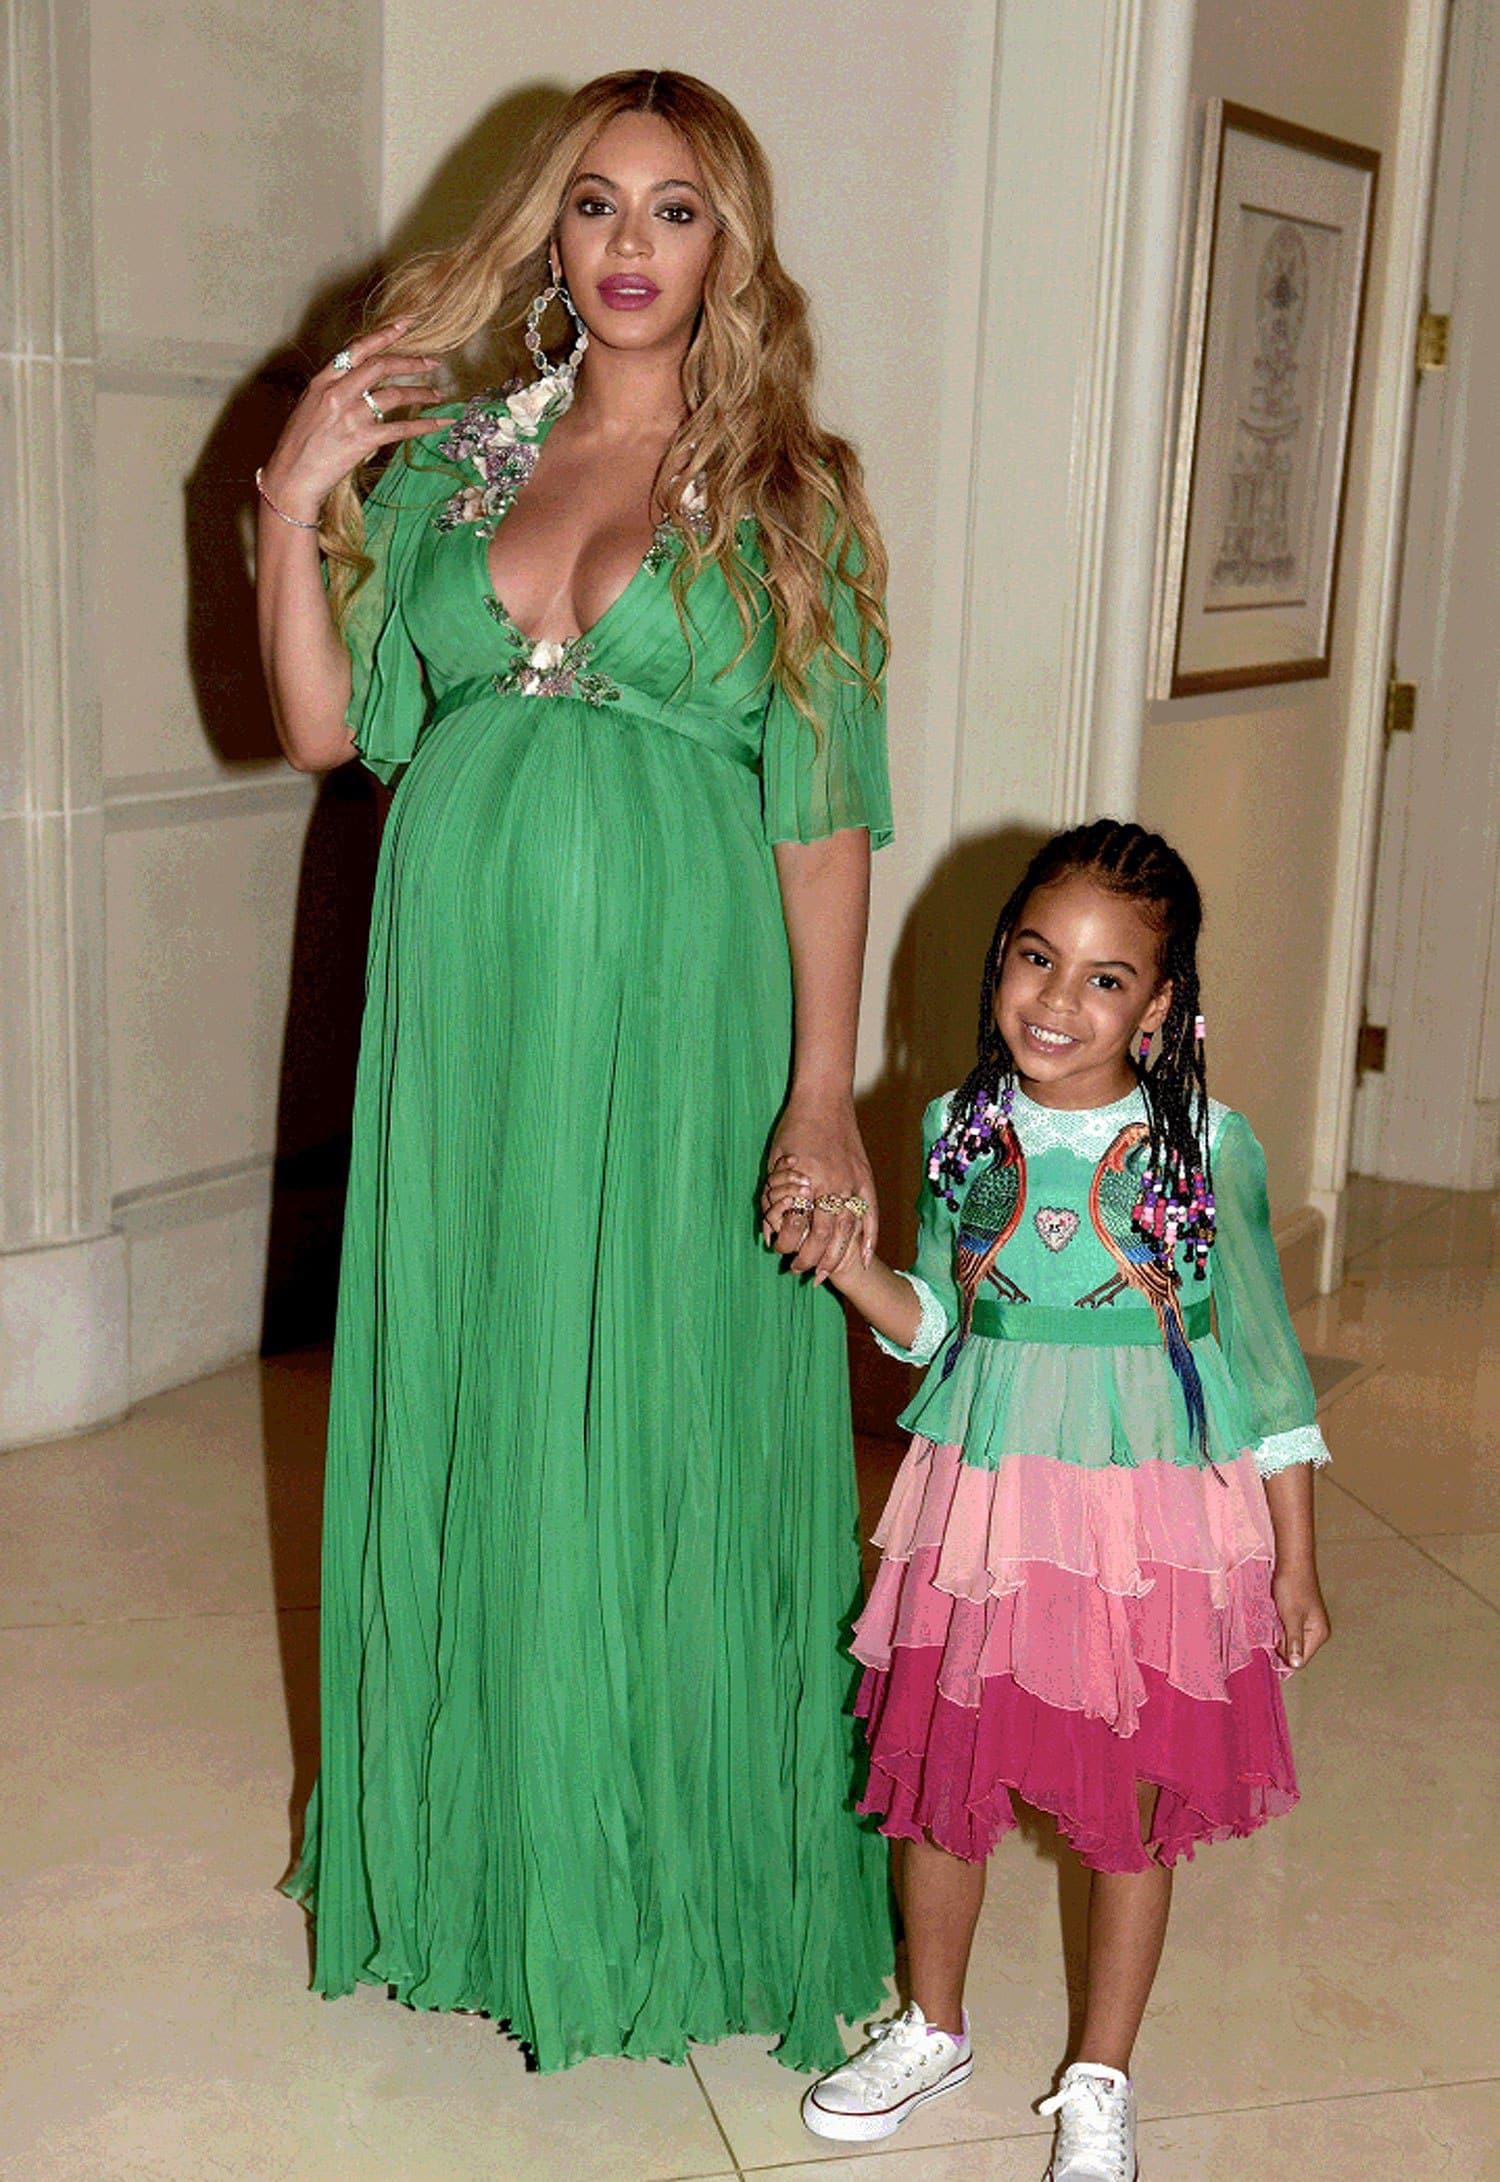 صور أحدث تصميمات لفساتين الطفله مع أمها جامدة